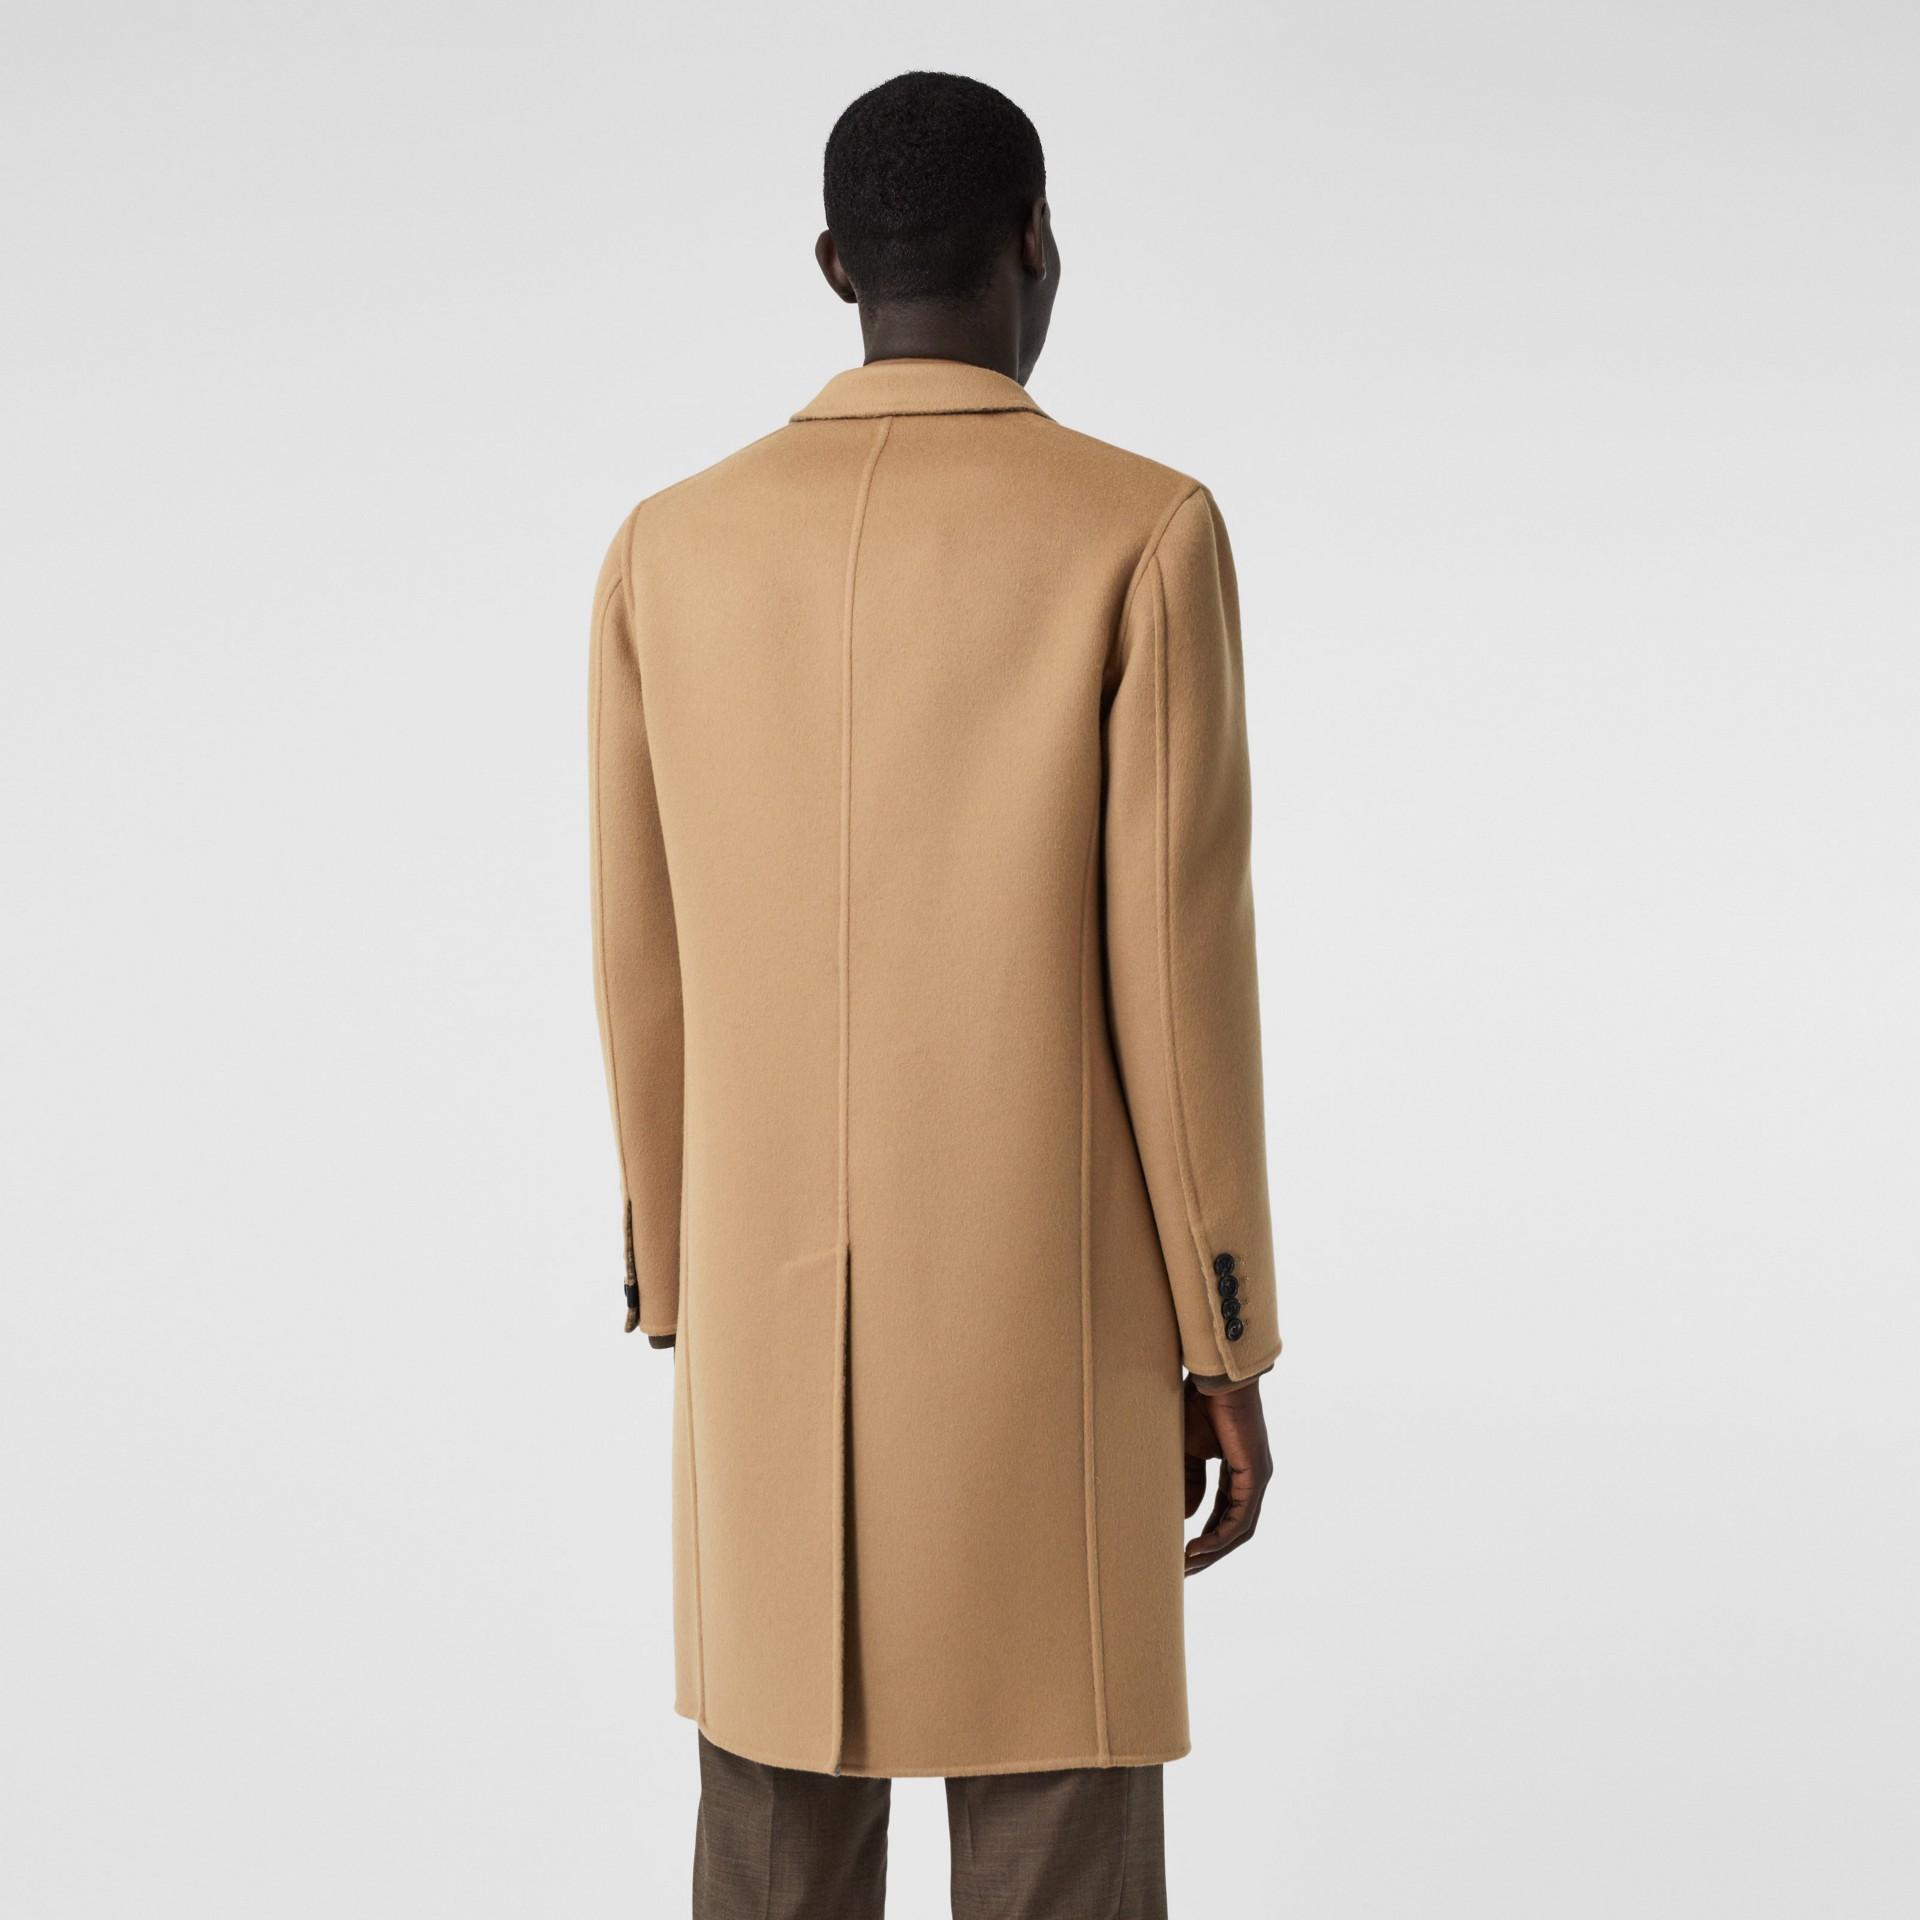 Abrigo de vestir de doble cara en lana (Rosa Beige Suave / Mezcla  Gris Medio) - Hombre | Burberry - imagen de la galería 2